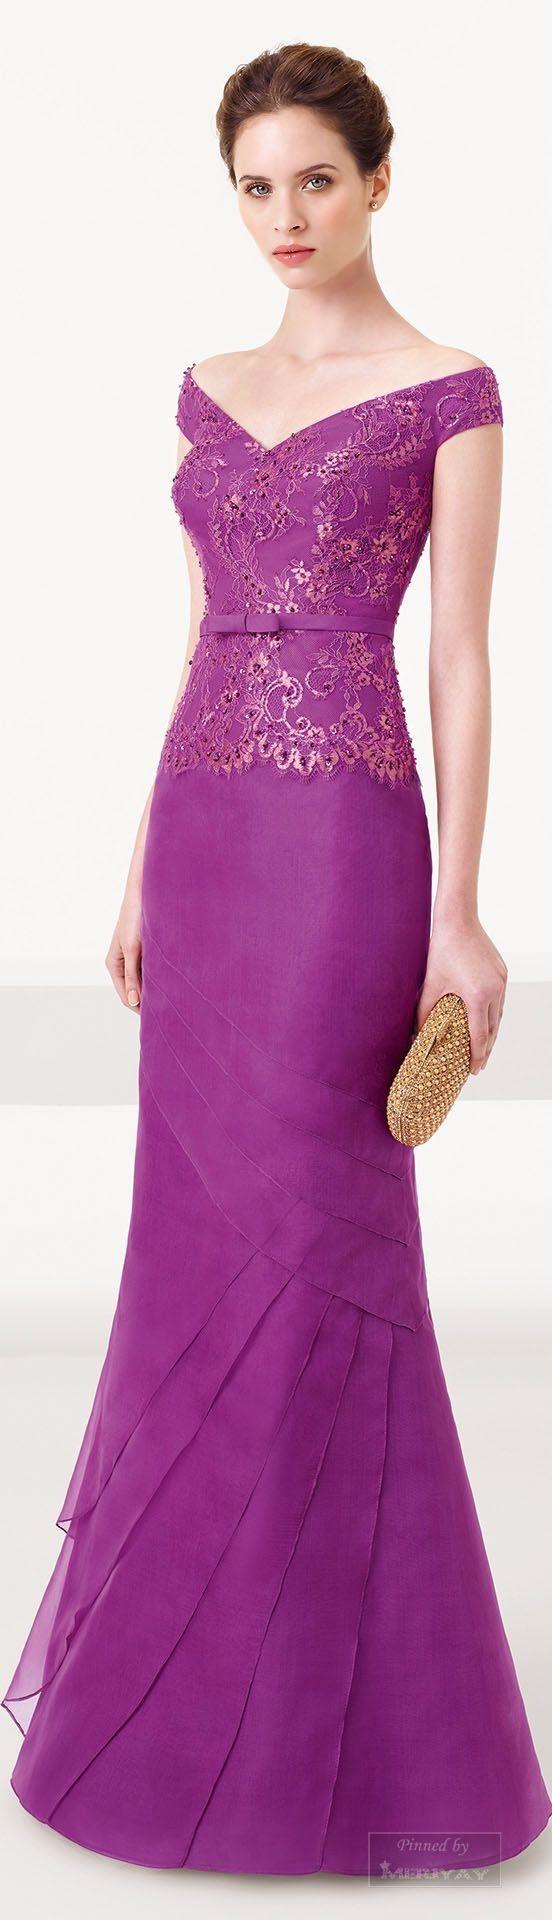 Asombroso Vestido De Cóctel De Color Marrón Composición - Vestido de ...